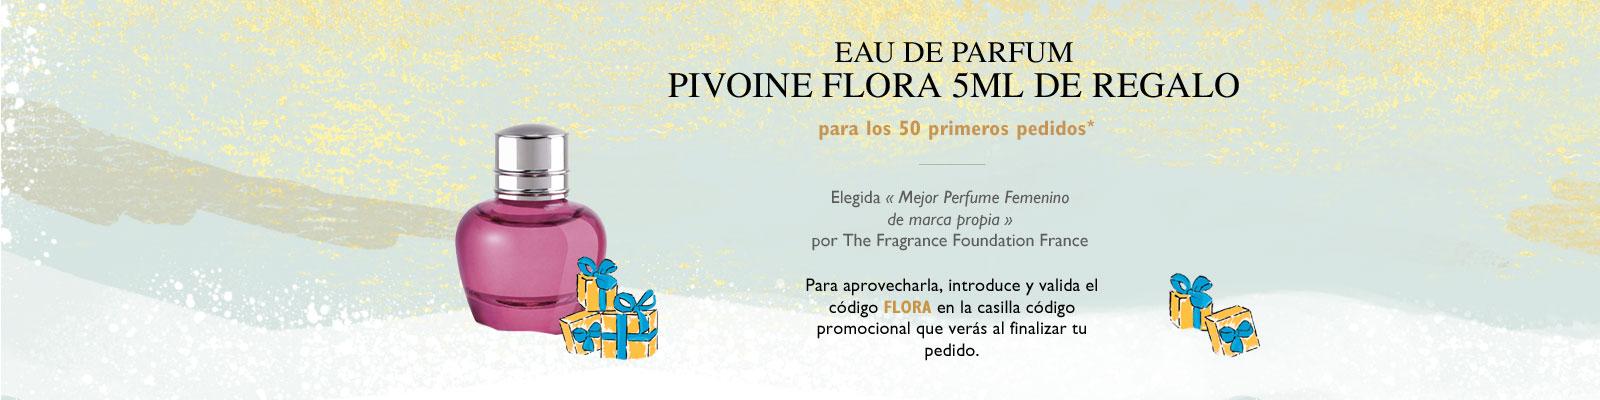 Offre Pivoine - L'Occitane Espagne